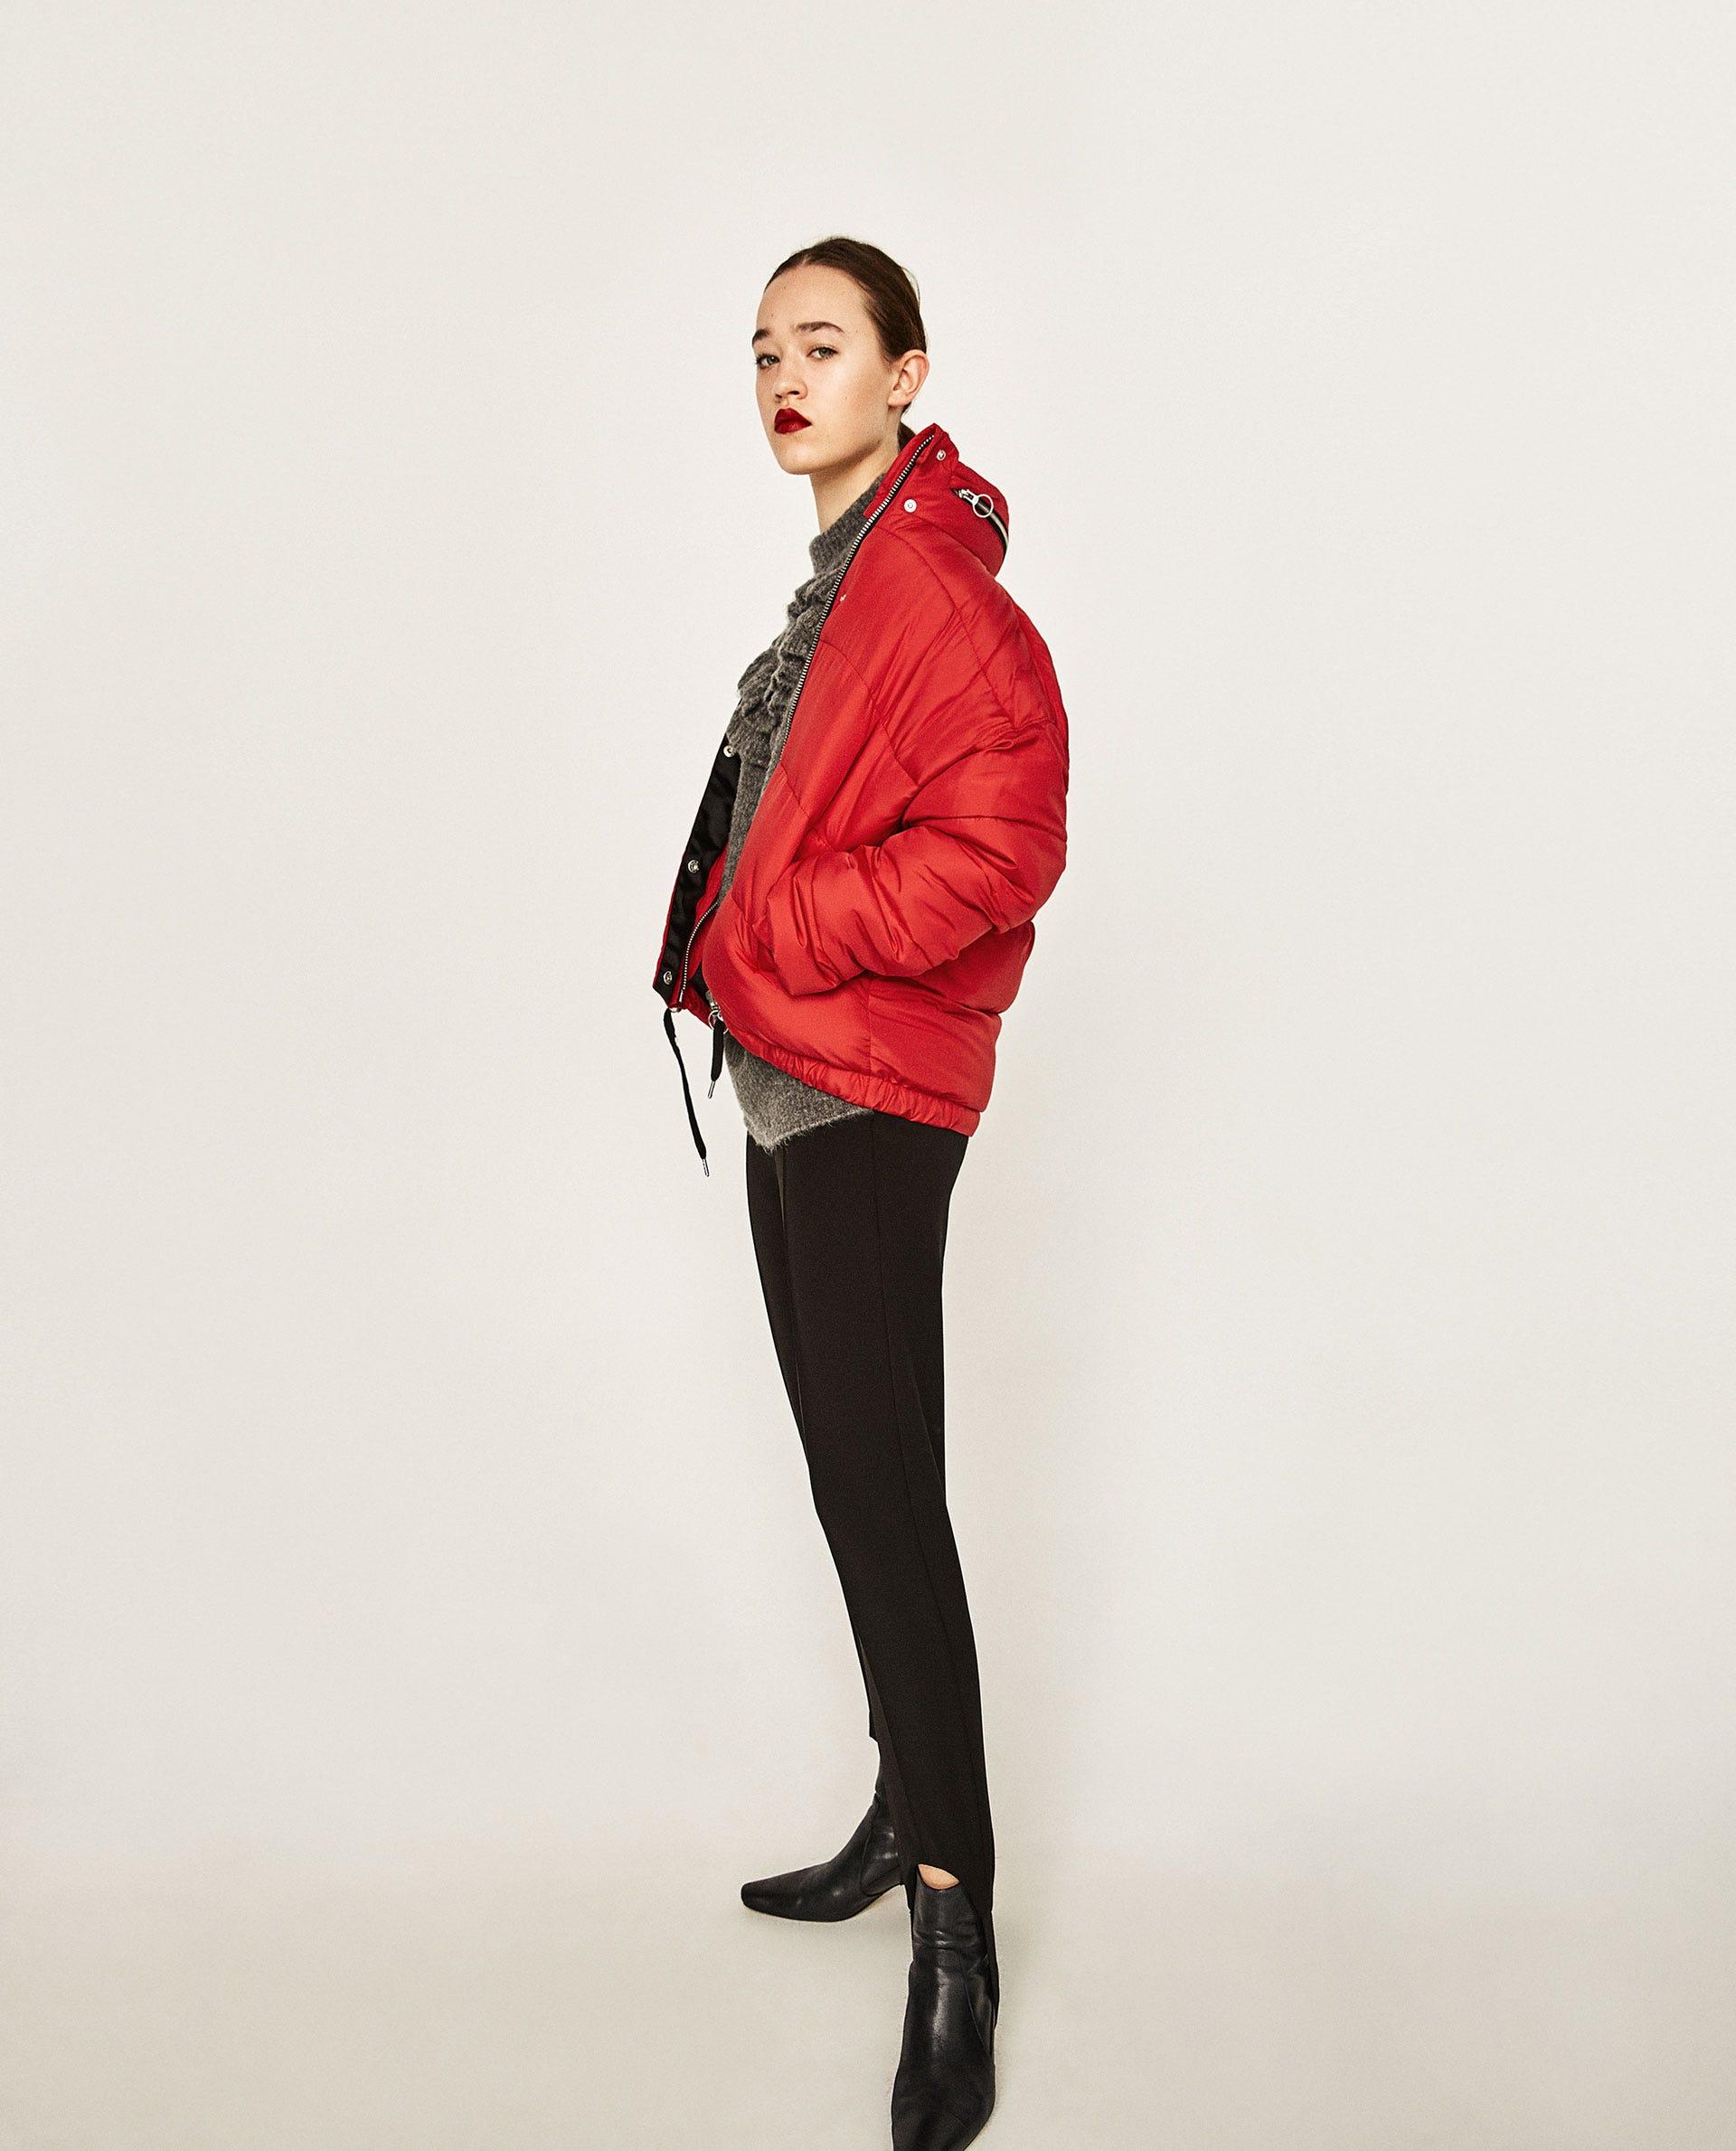 When Does Zara's Winter/Christmas Sale Start in 2017-18?